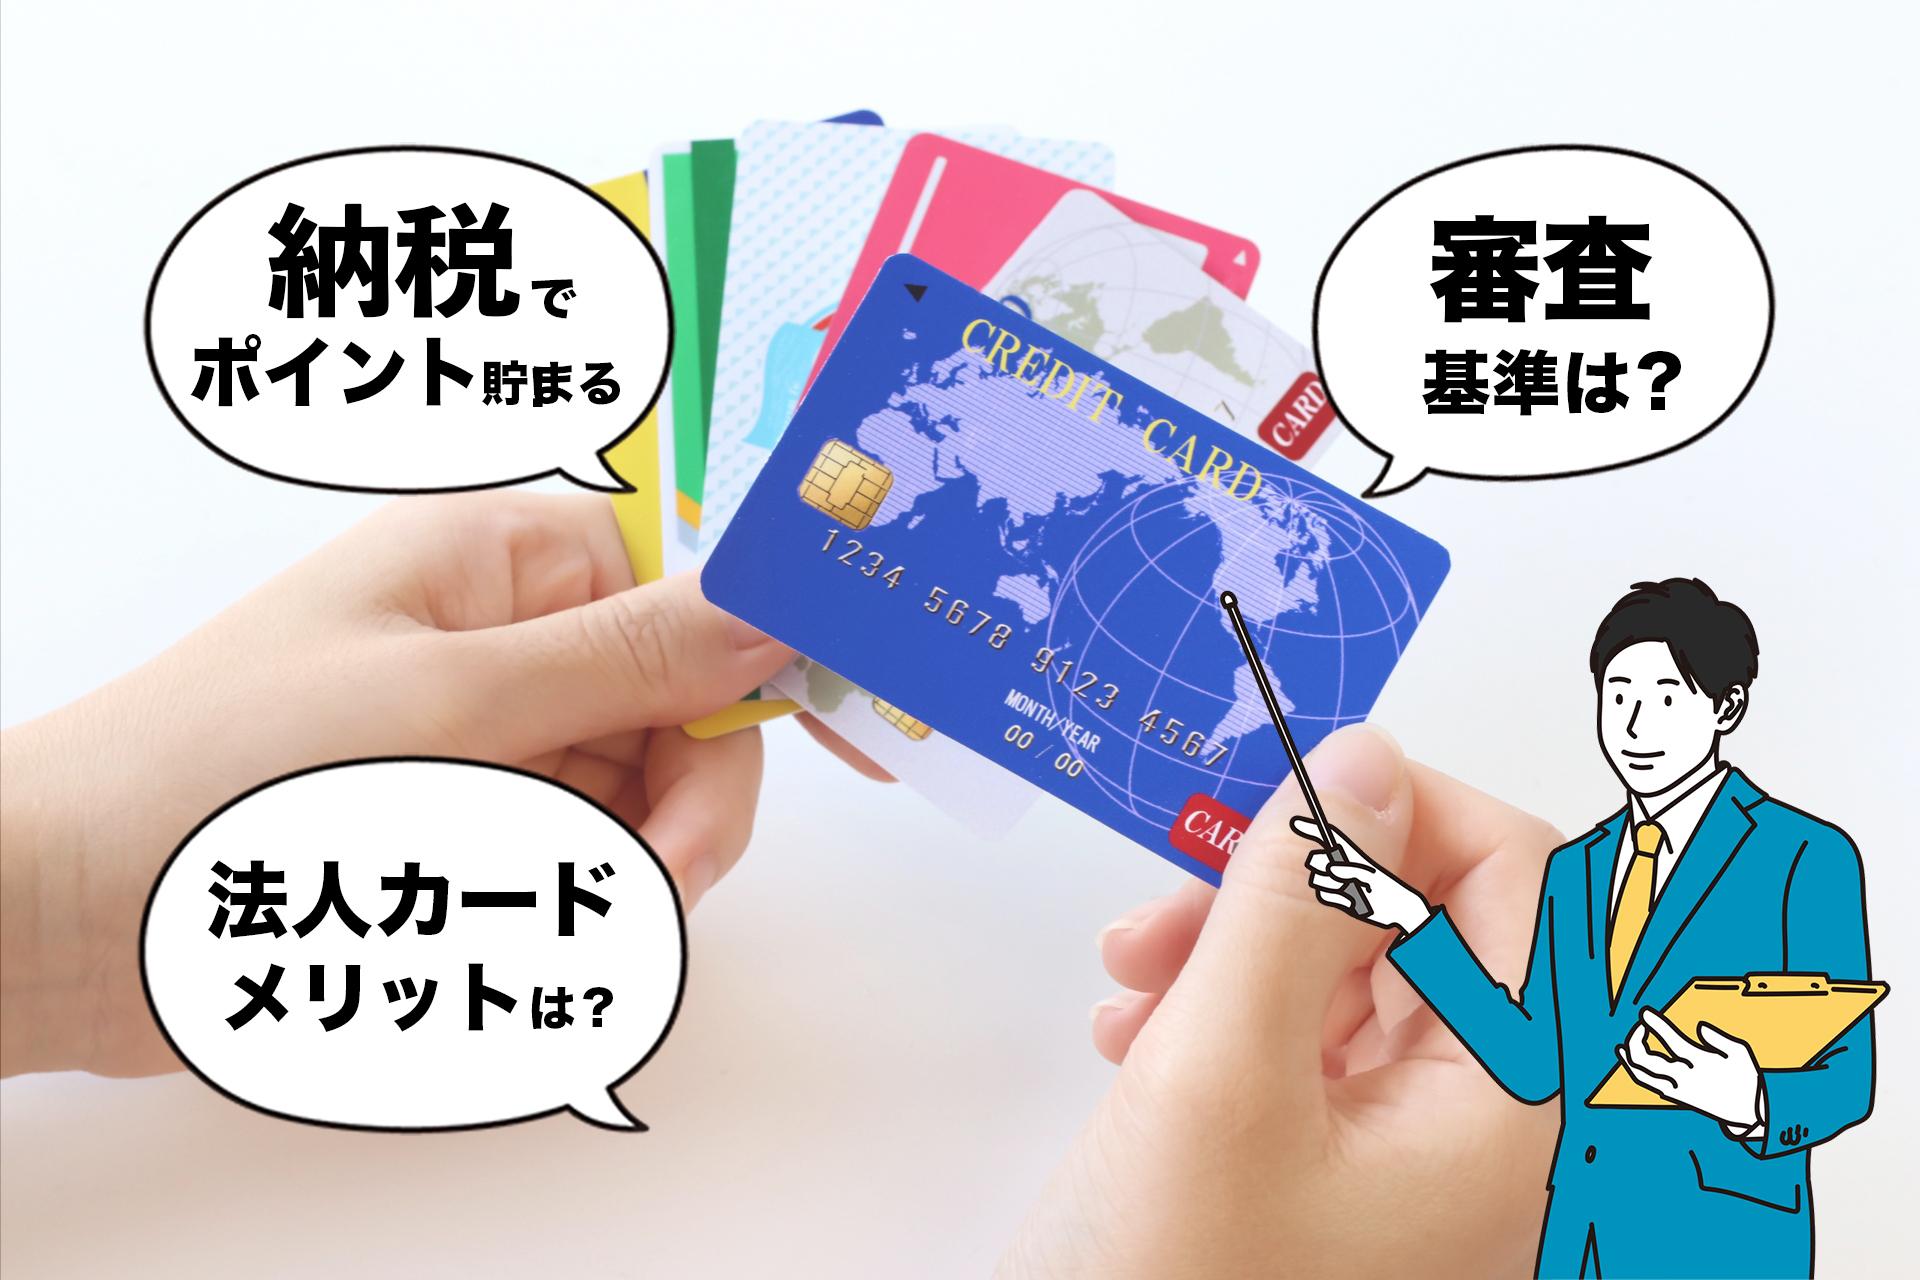 個人事業主におすすめのクレジットカード17選|審査に通るコツも紹介!